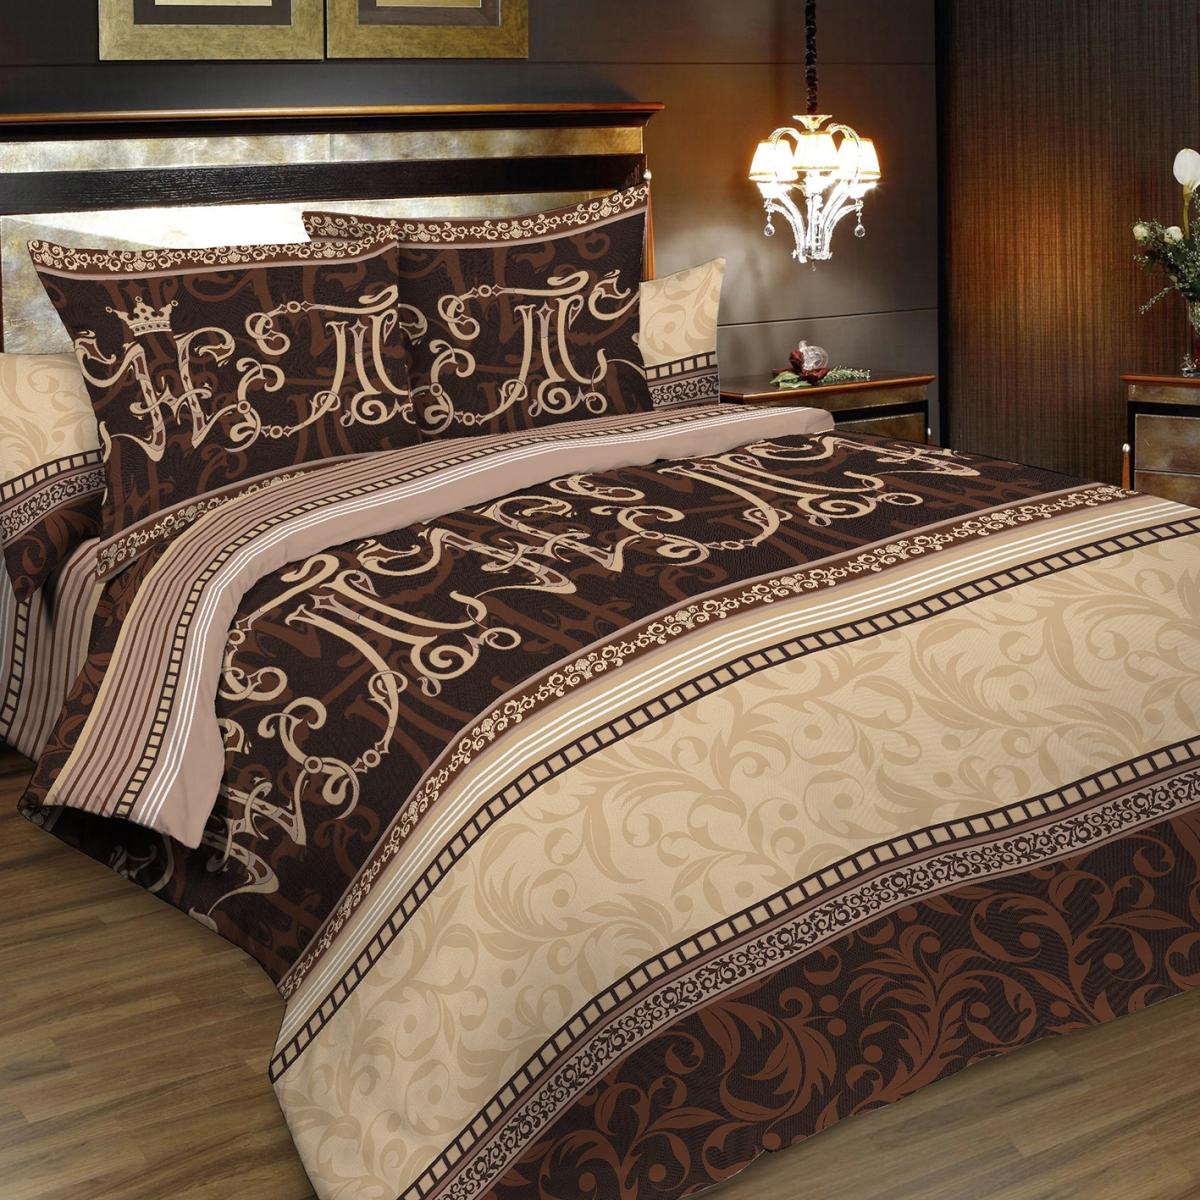 Комплект белья Letto, 2-спальный, наволочки 70х70. B186-4B186-4Комплект постельного белья Letto выполнен из классической российской бязи (хлопка). Комплект состоит из пододеяльника, простыни и двух наволочек.Постельное белье, оформленное оригинальными узорами, имеет изысканный внешний вид. Пододеяльник снабжен молнией.Благодаря такому комплекту постельного белья вы сможете создать атмосферу роскоши и романтики в вашей спальне.Уважаемые клиенты!Обращаем ваше внимание на тот факт, что расцветка наволочек может отличаться от представленной на фото.Советы по выбору постельного белья от блогера Ирины Соковых. Статья OZON Гид